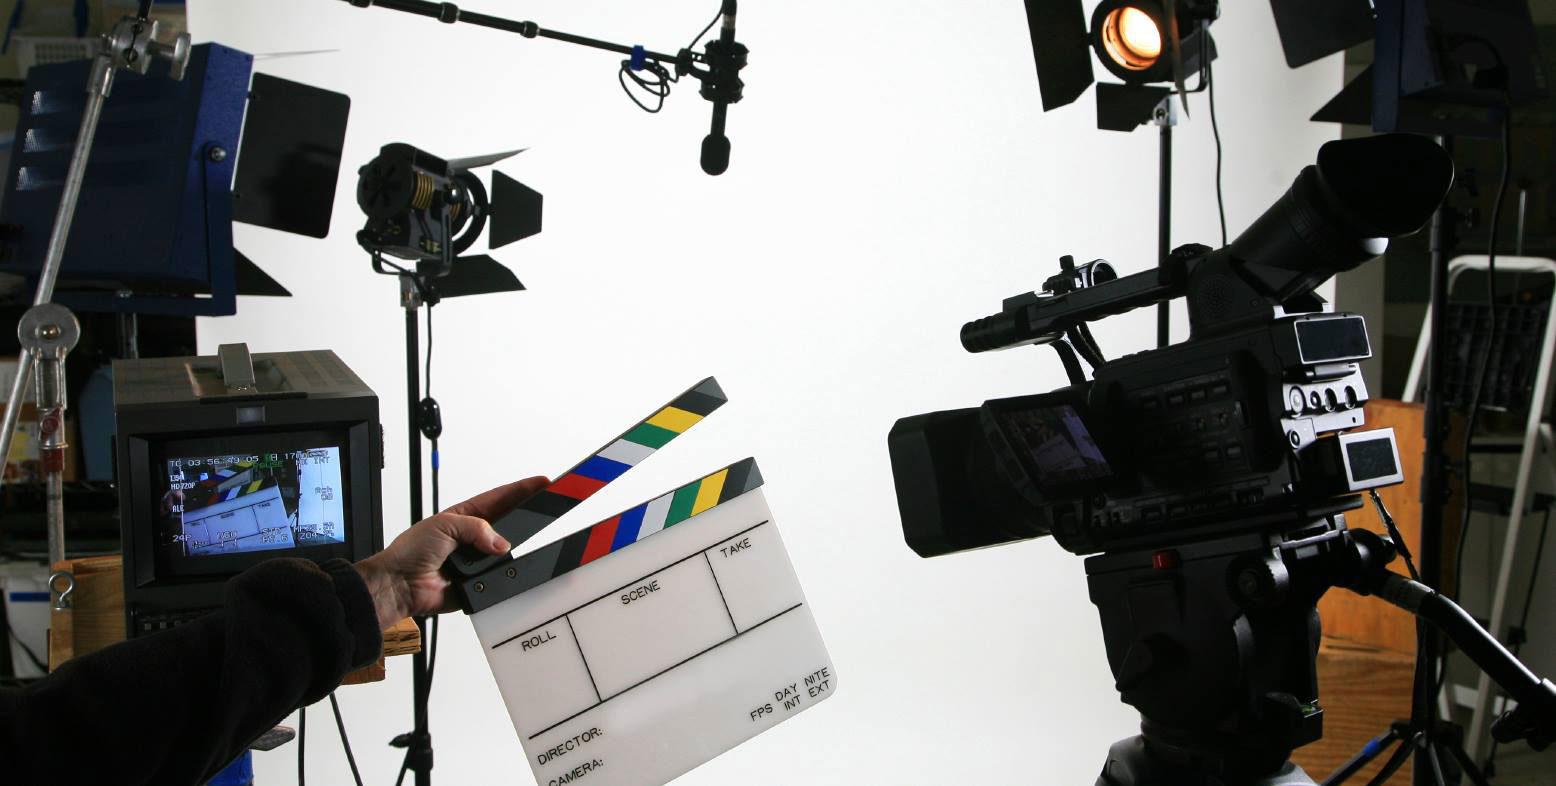 Những yếu tố giúp cho việc chụp ảnh sự kiện chuyên nghiệp hơn